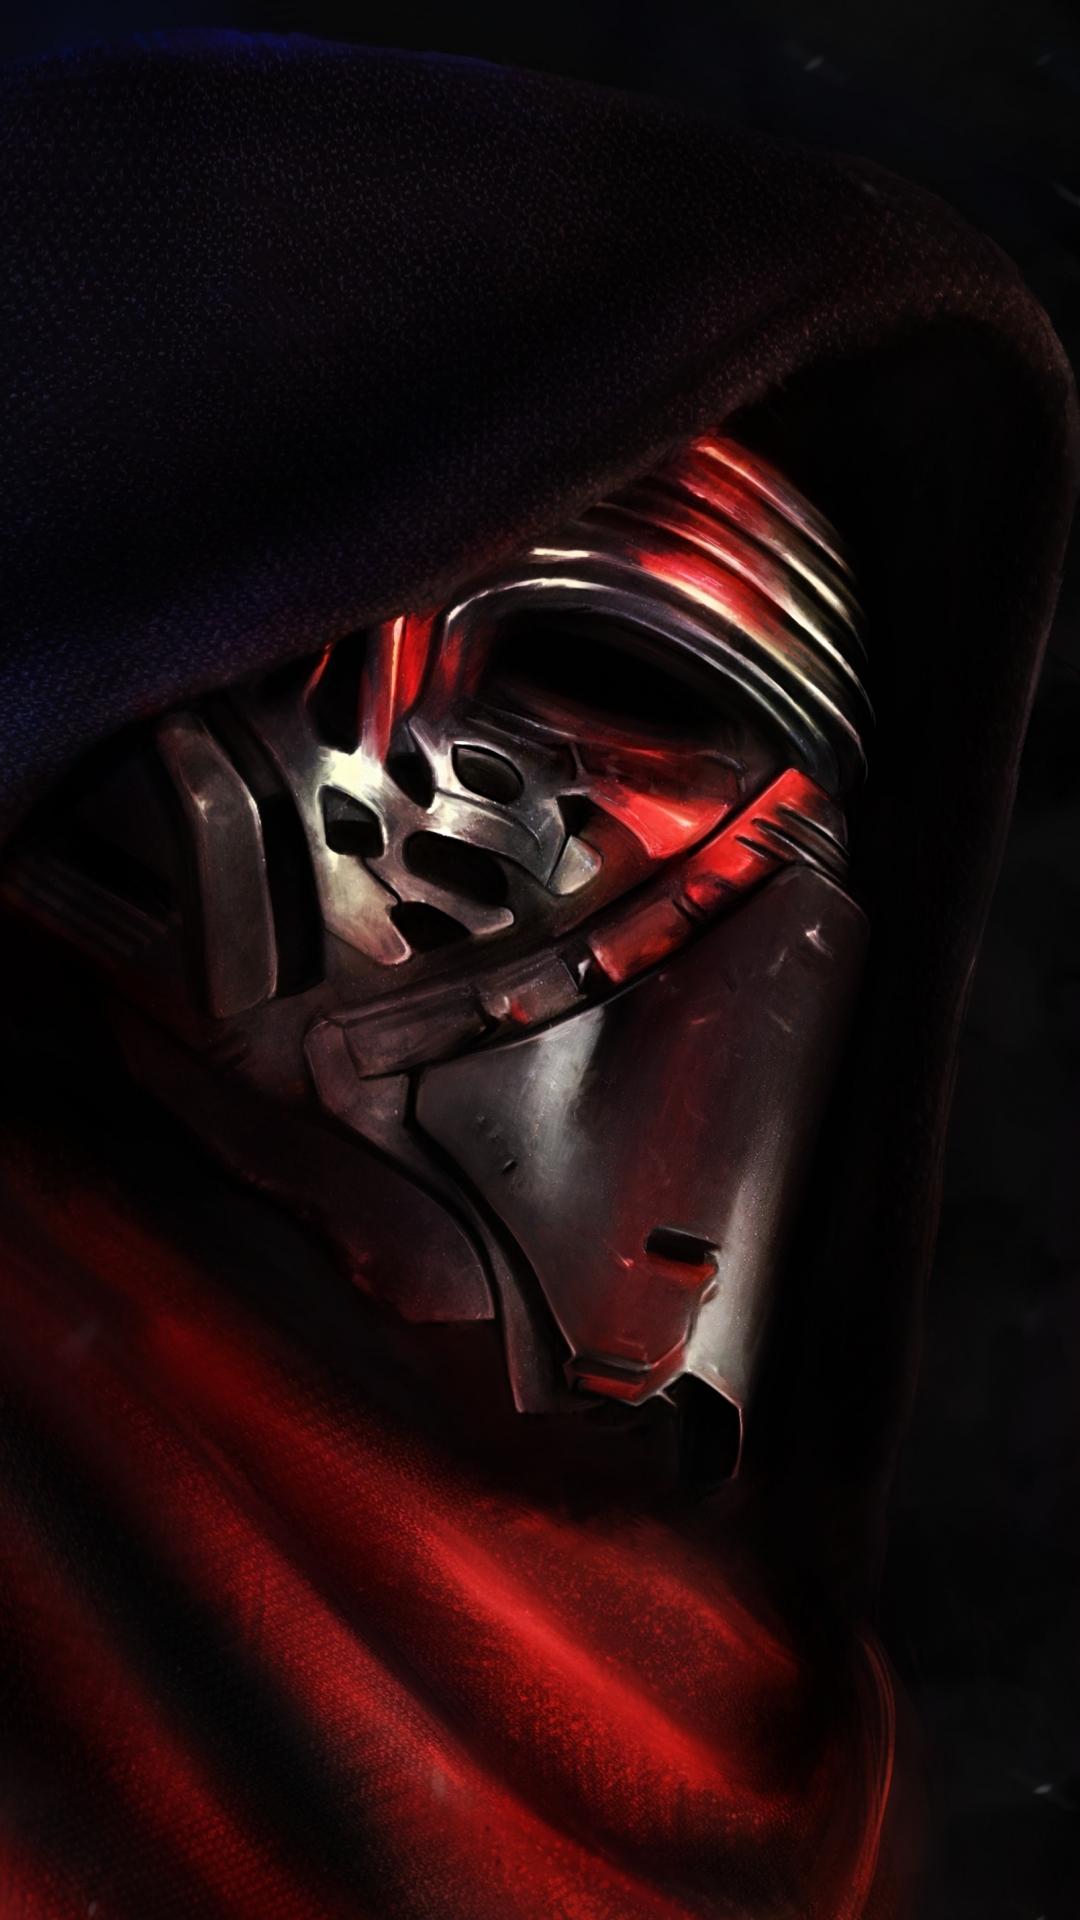 instalar los wallpapers de Star Wars The Force Awakens en iPhone 1080x1920